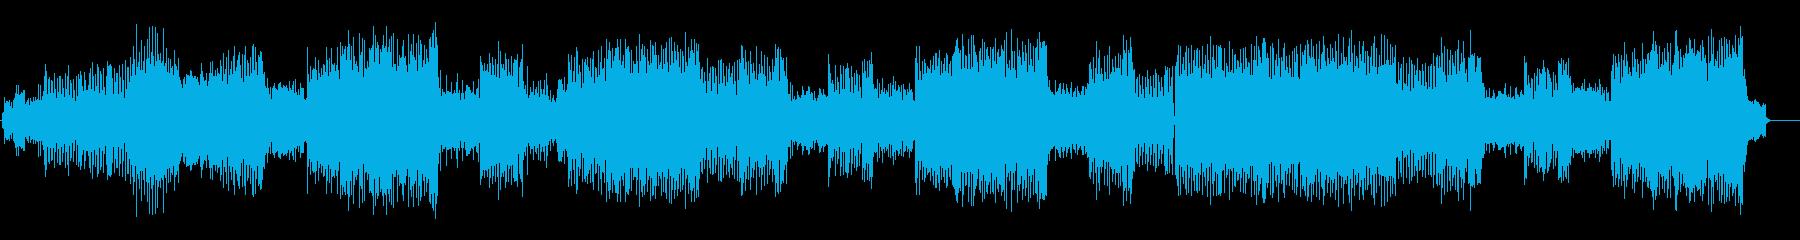 ダンス「PLEASURE ZONE」の再生済みの波形